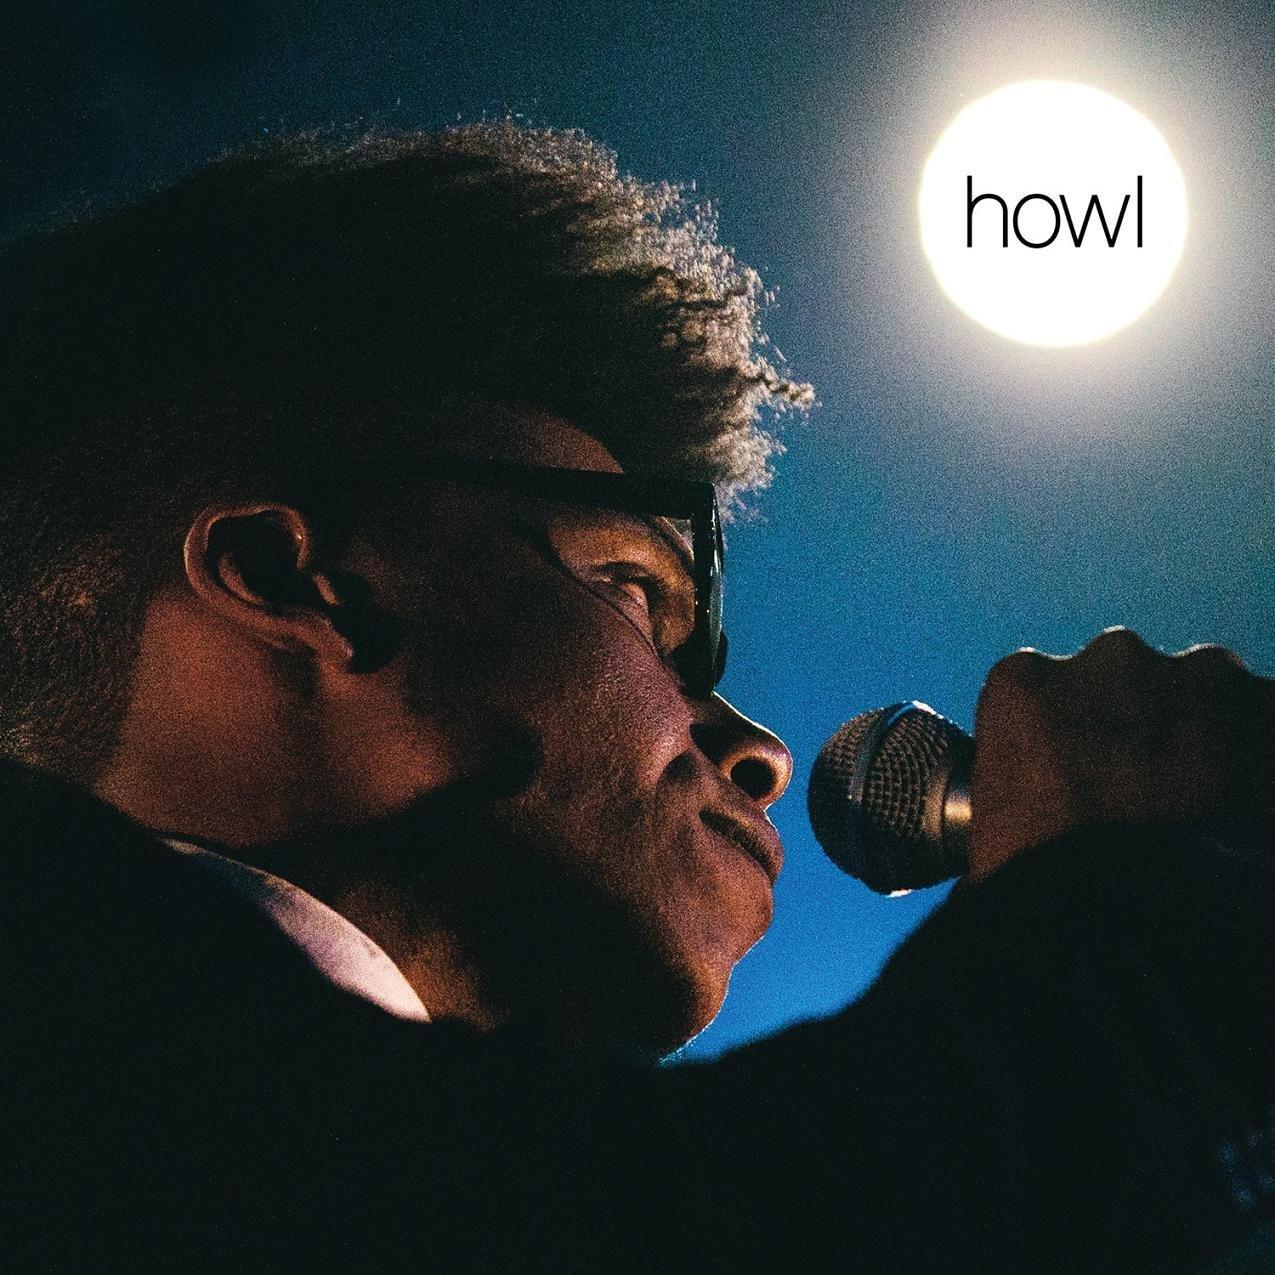 jc-brooks-uptown-sound-howl